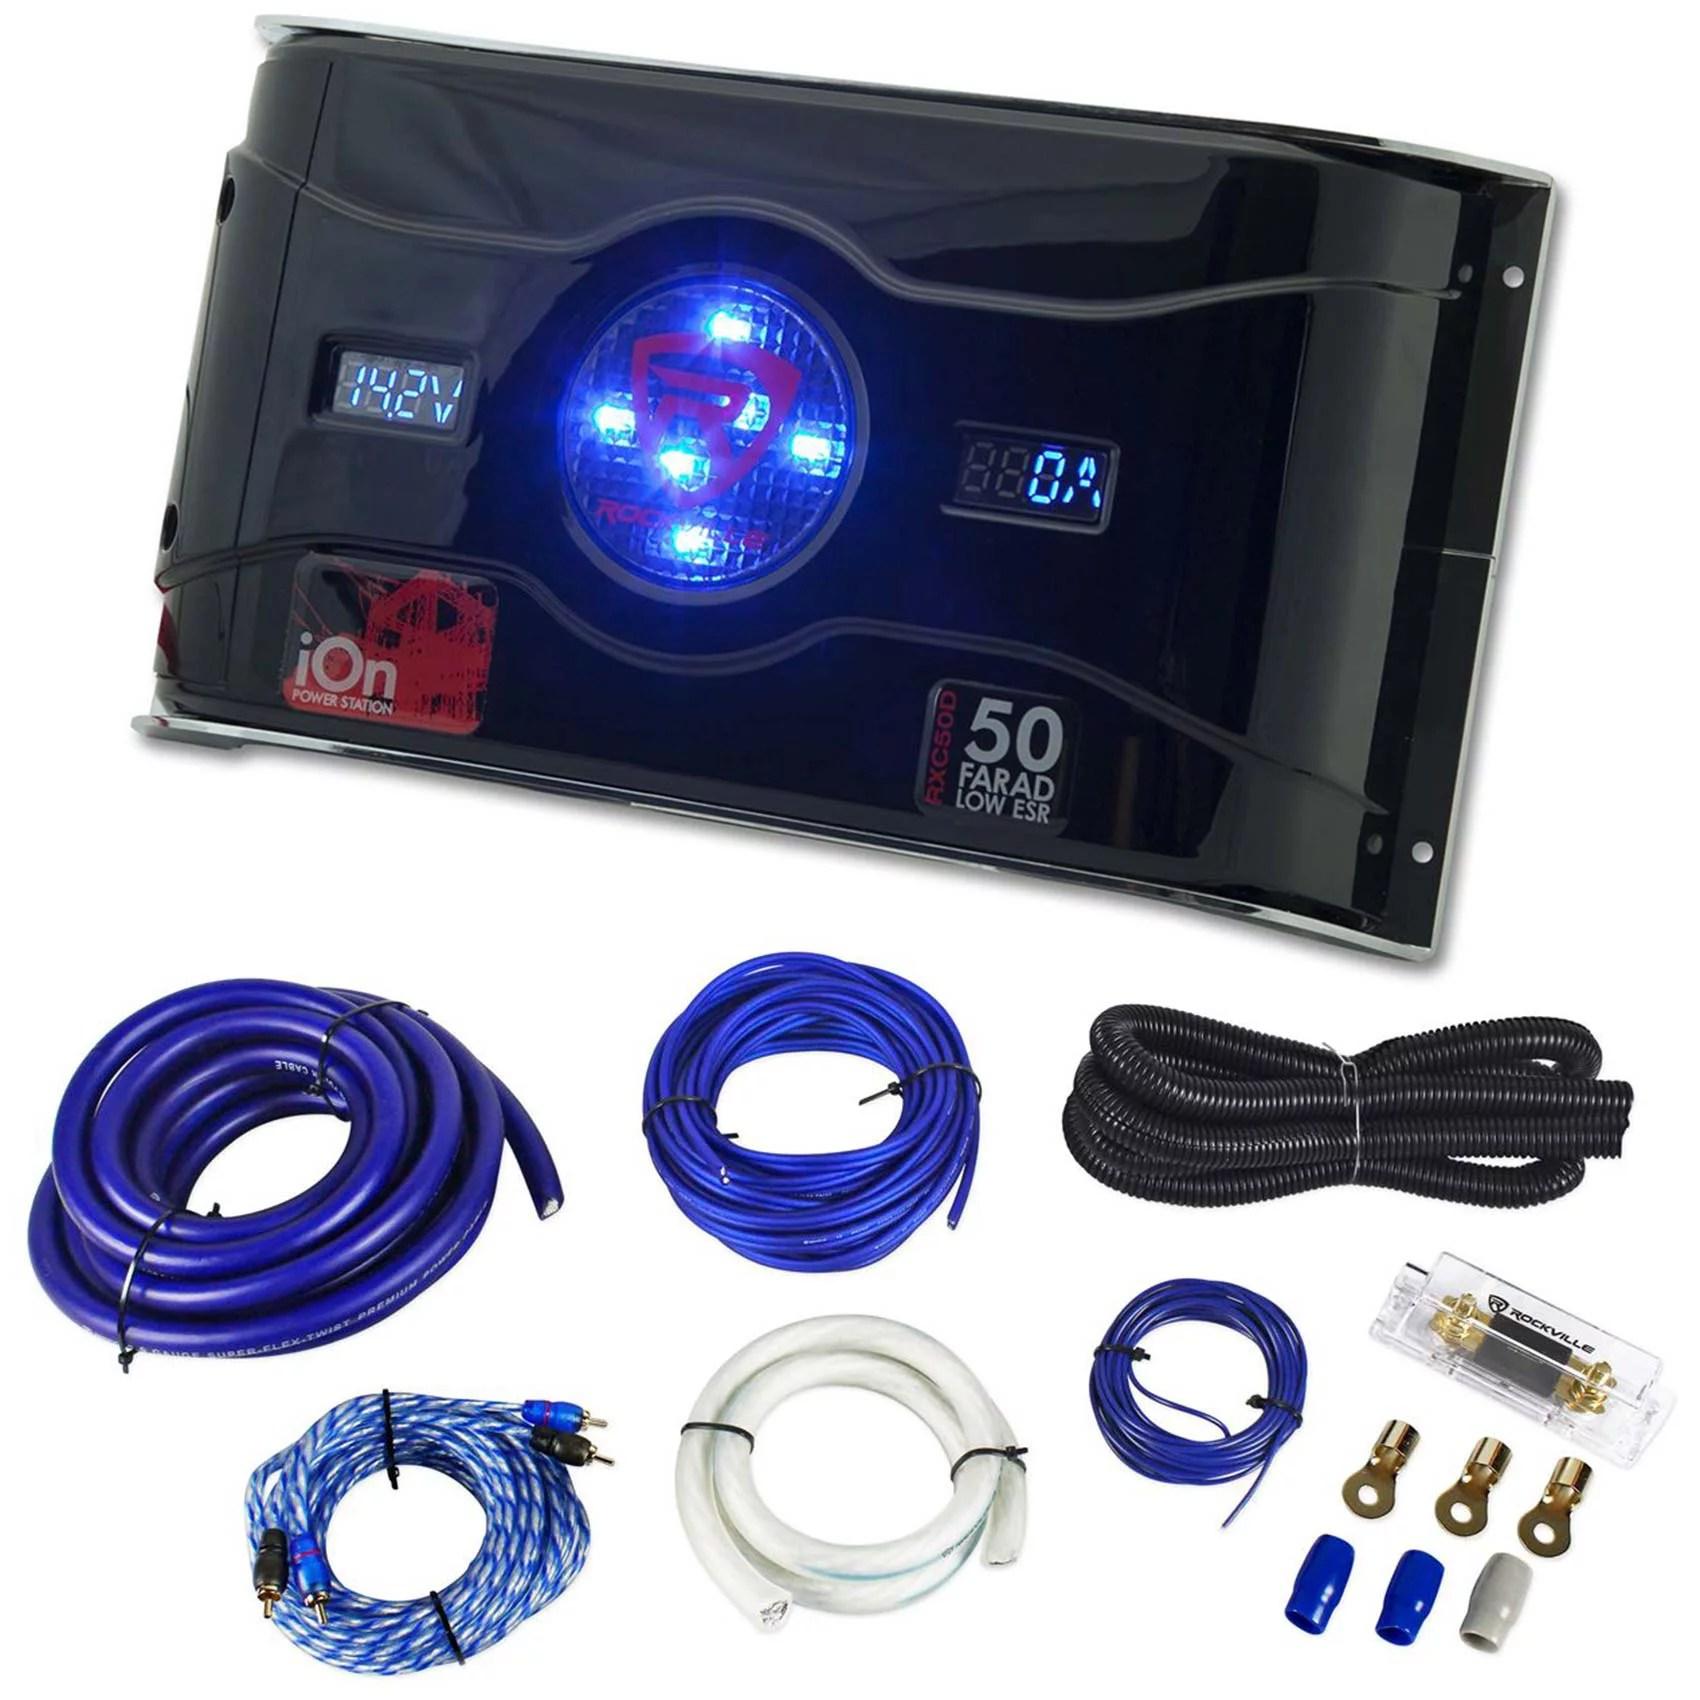 rockville 50 farad hybrid led car capacitor w dual meters 0 gauge amp wire kit car amp wiring kit walmart [ 1700 x 1700 Pixel ]